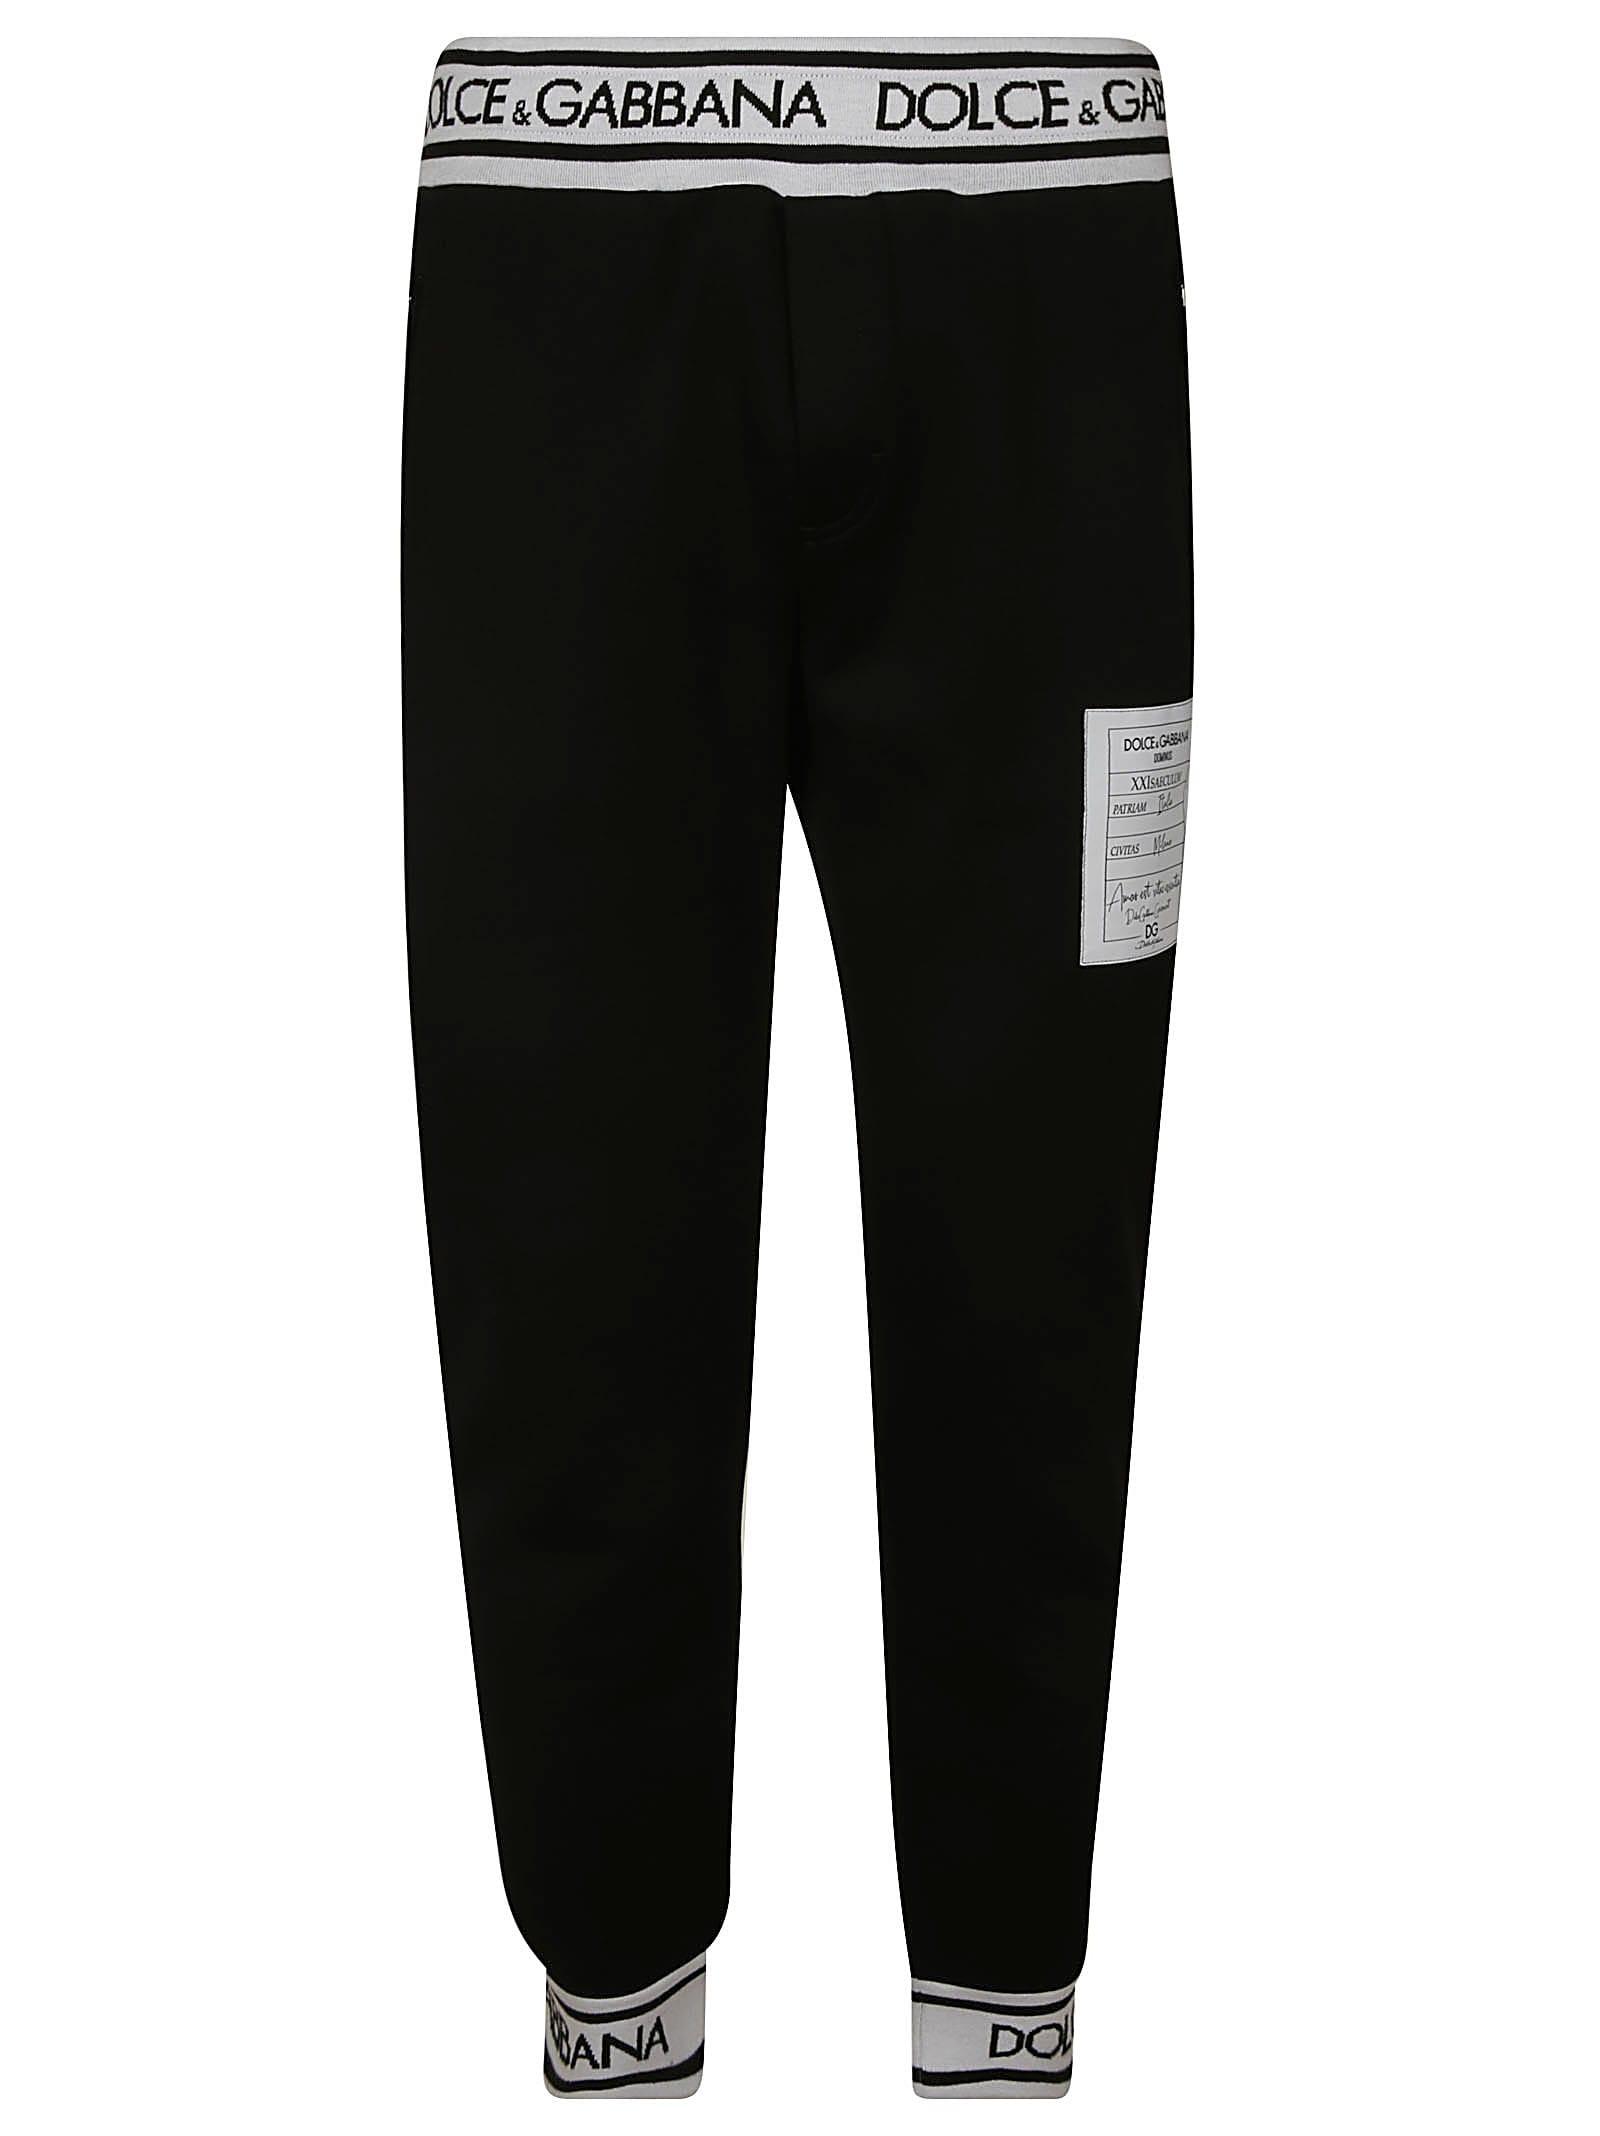 Dolce & Gabbana Waist Logo Track Pants